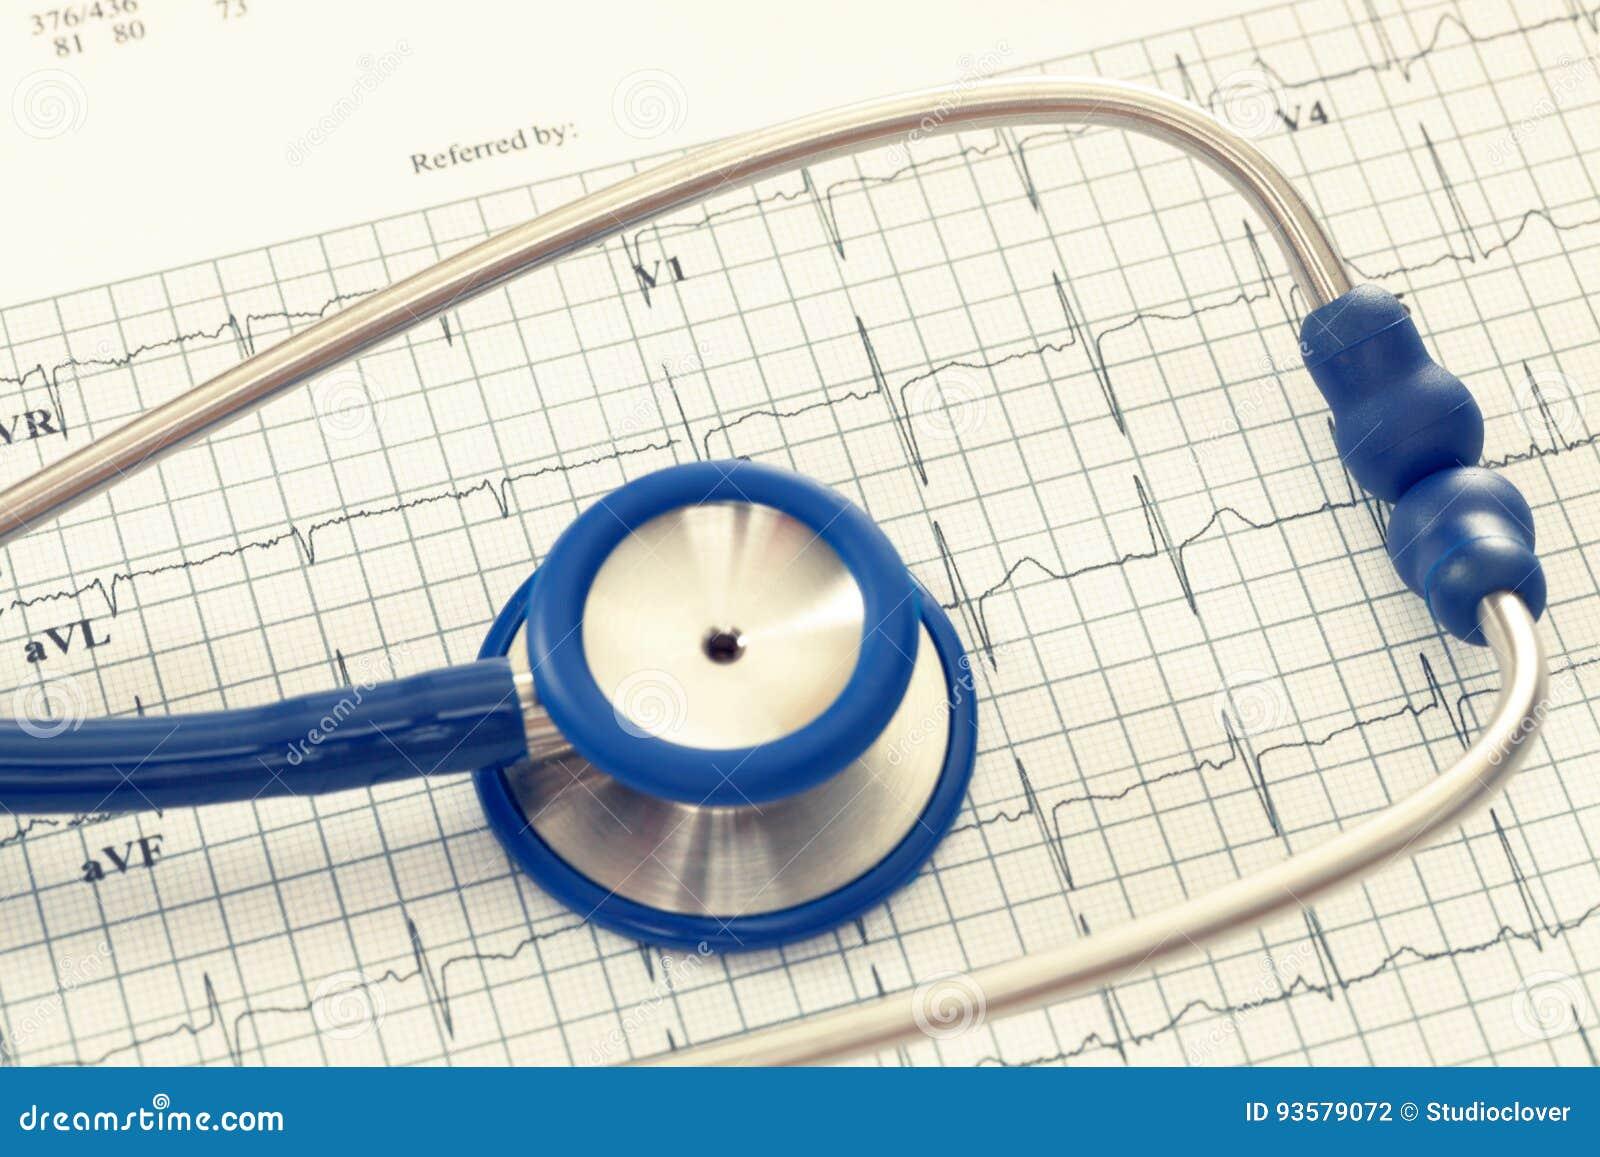 Stethoskop mit ekg Kardiogrammdiagramm Gefiltertes Bild: Kreuz verarbeiteter Weinleseeffekt